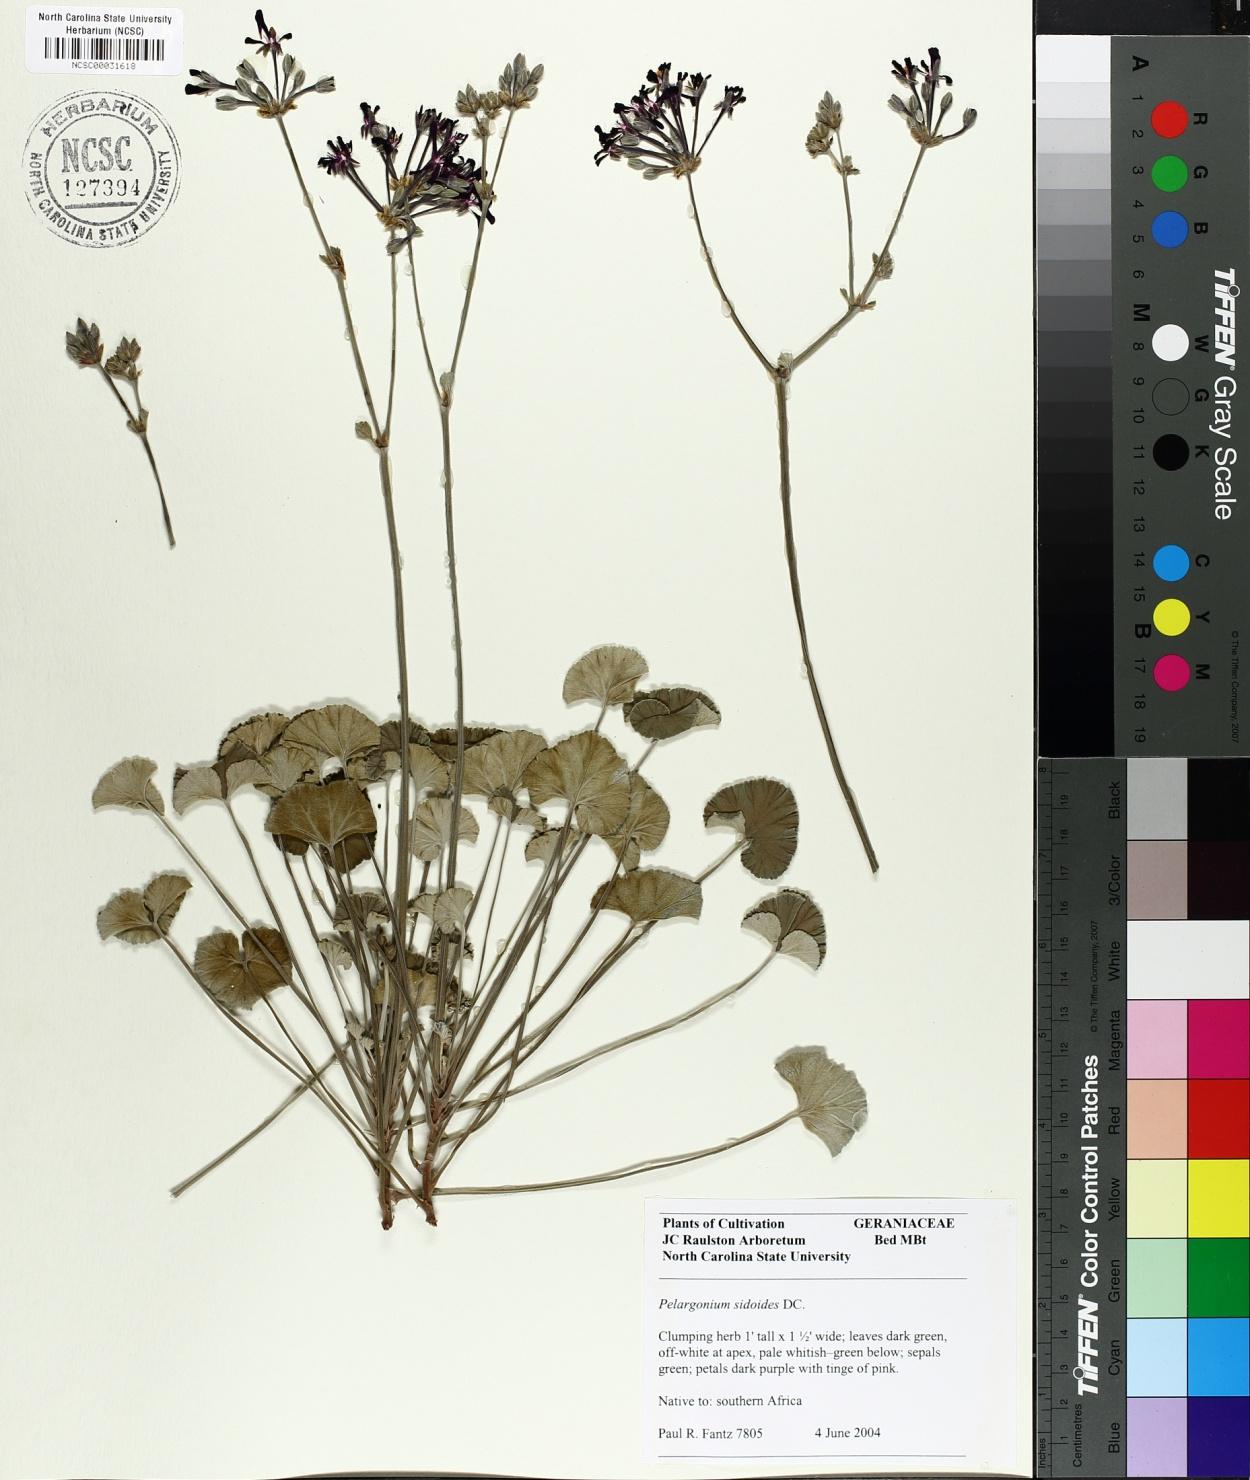 Pelargonium sidoides image